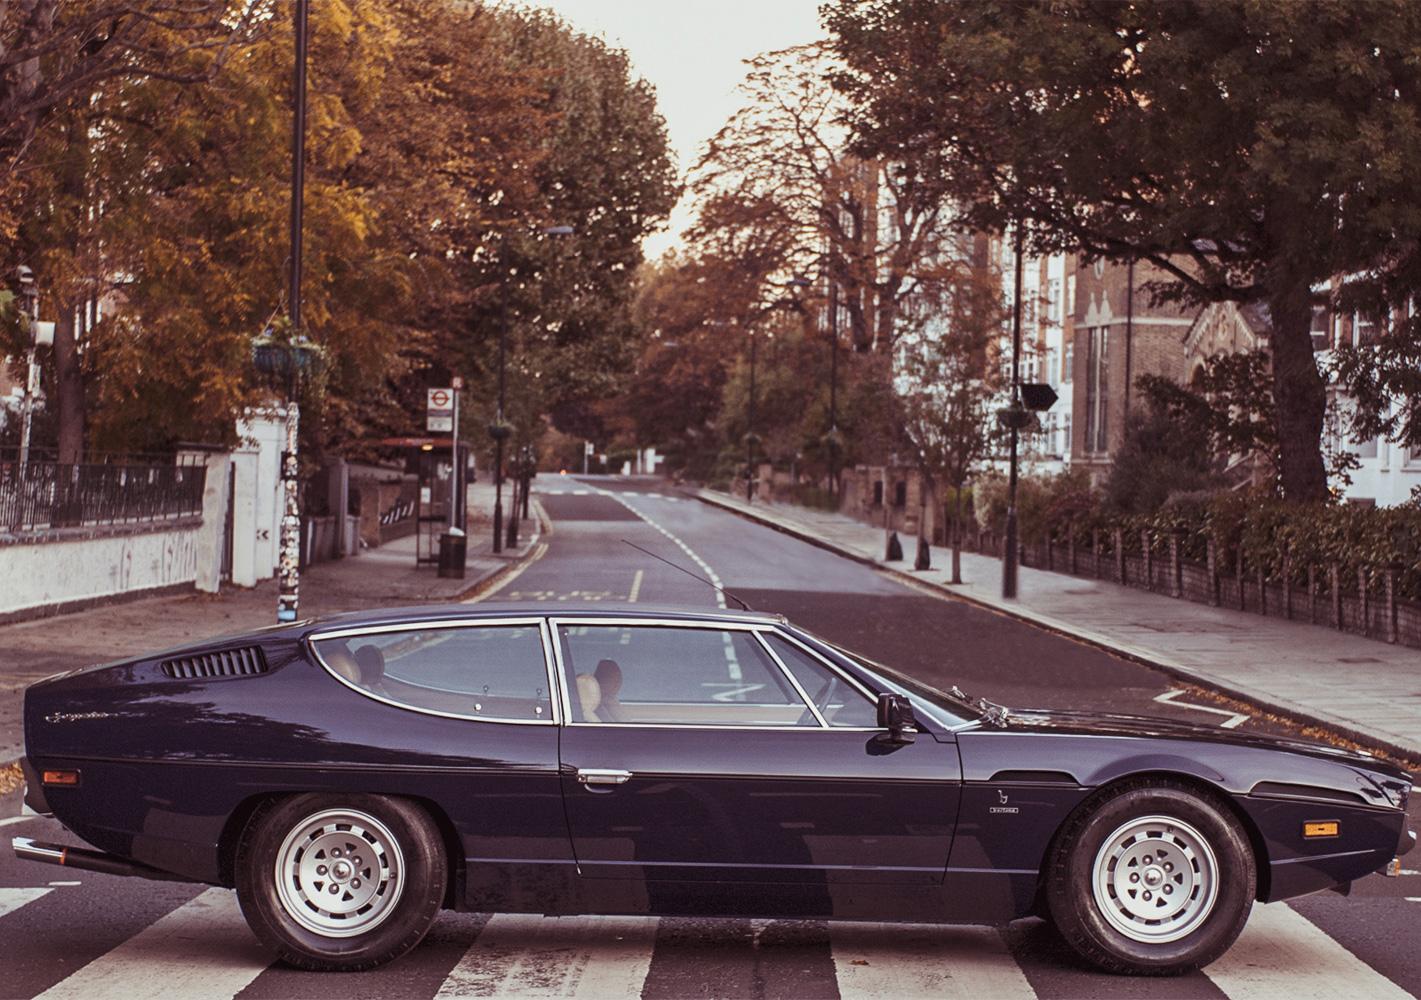 Abbey Road now belongs to the Lamborghini Espada thumbnail